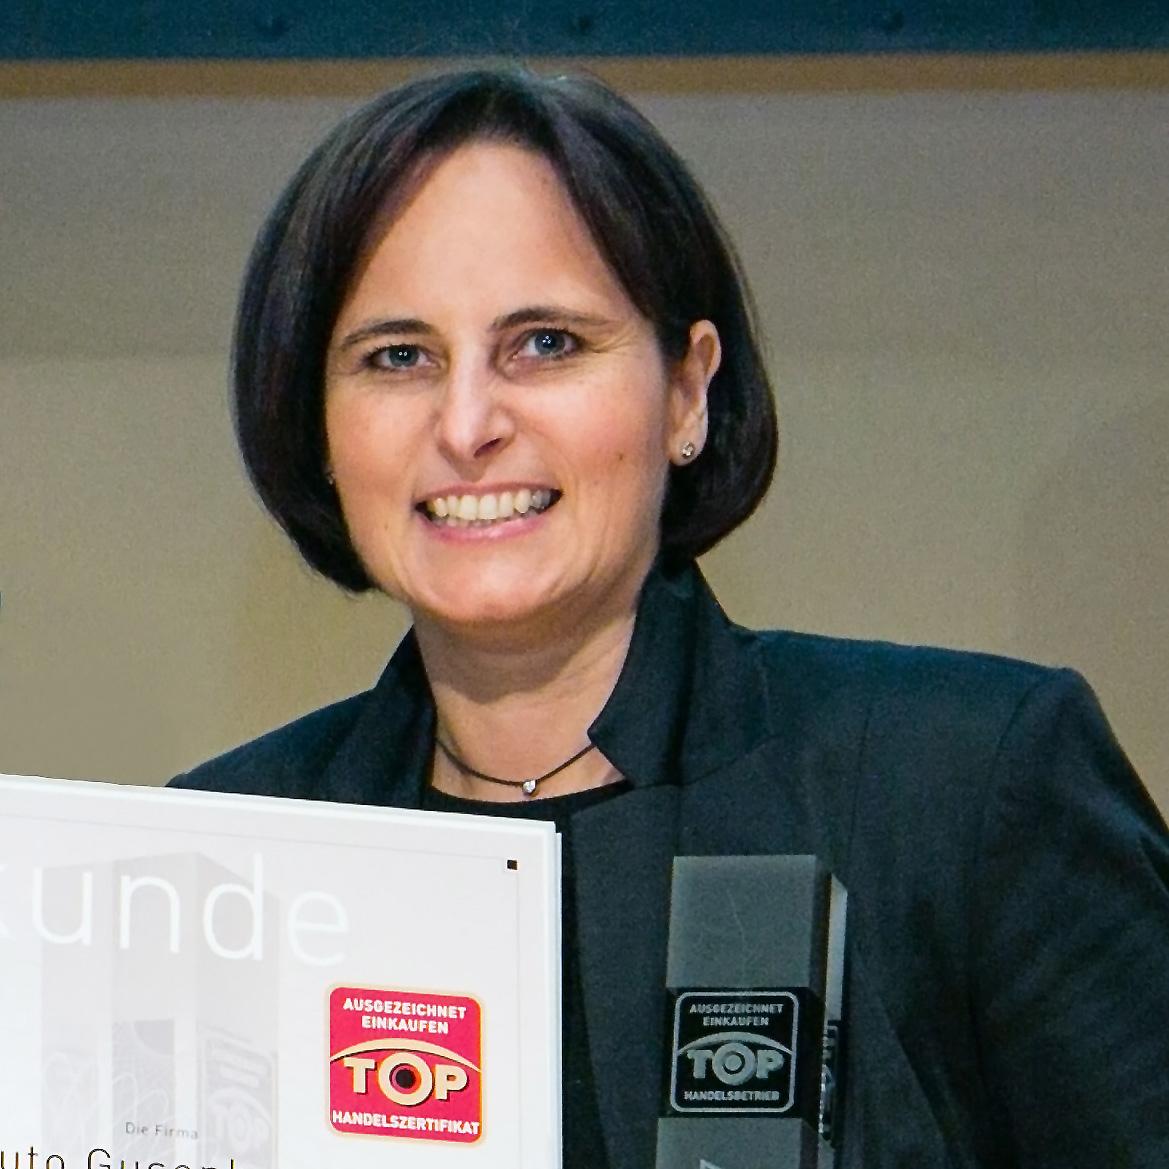 Karin Gusenbauer